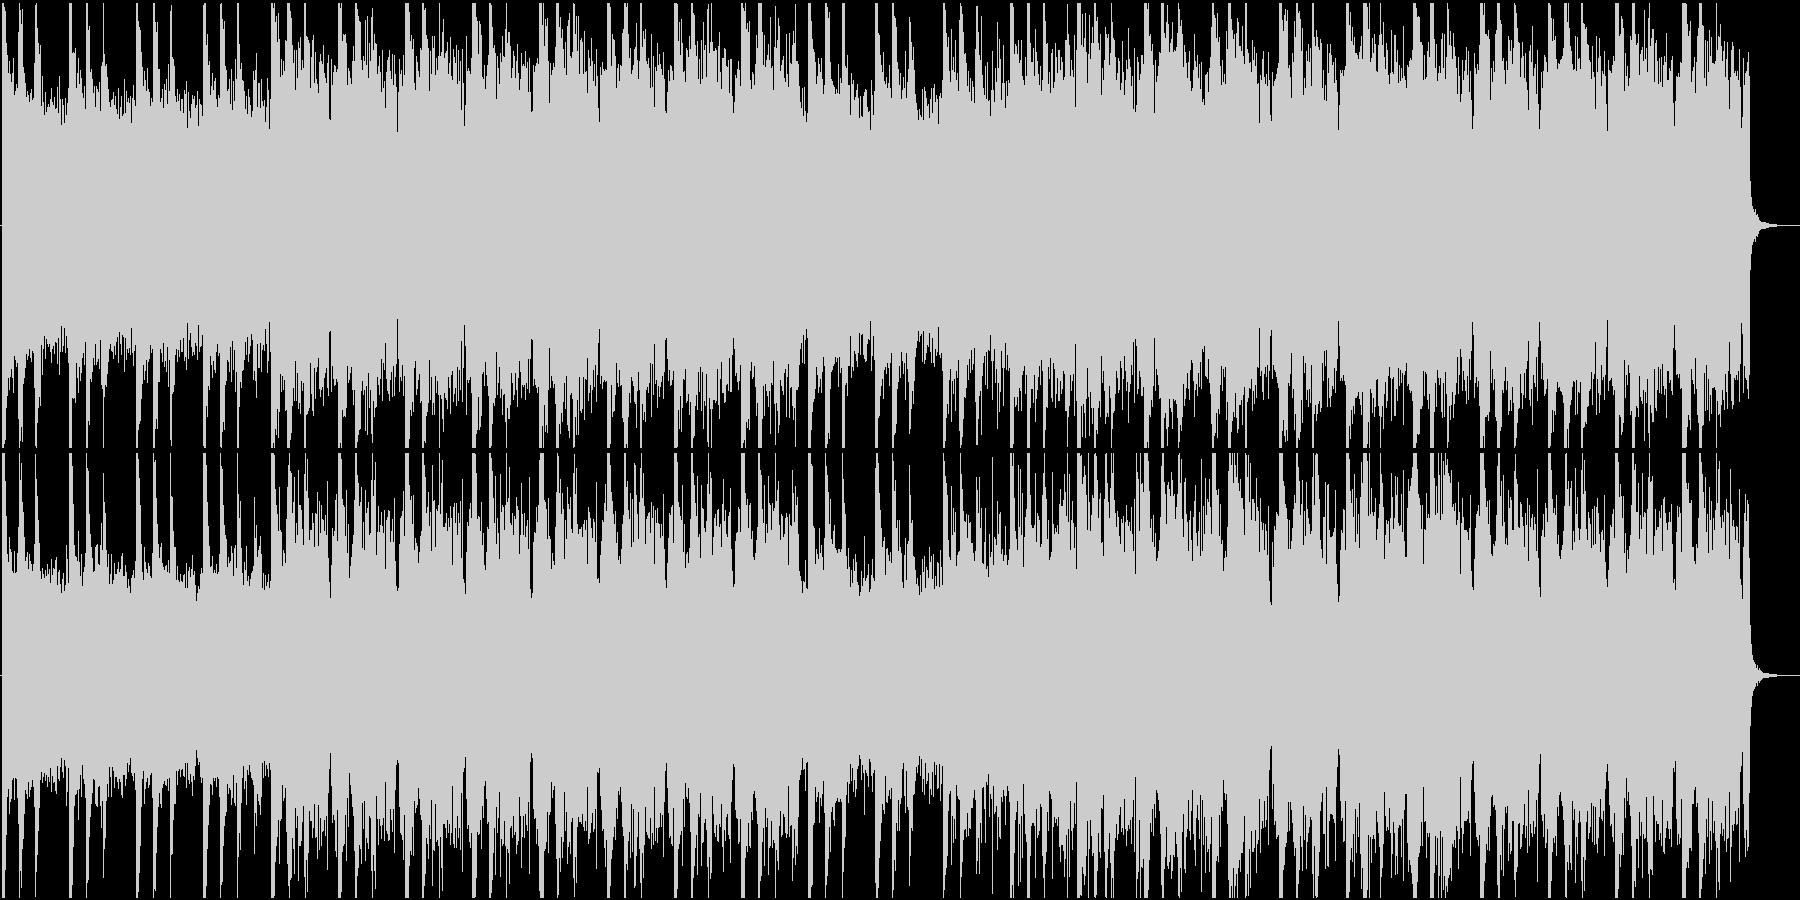 チルアウトなエレクトロニックBGMの未再生の波形